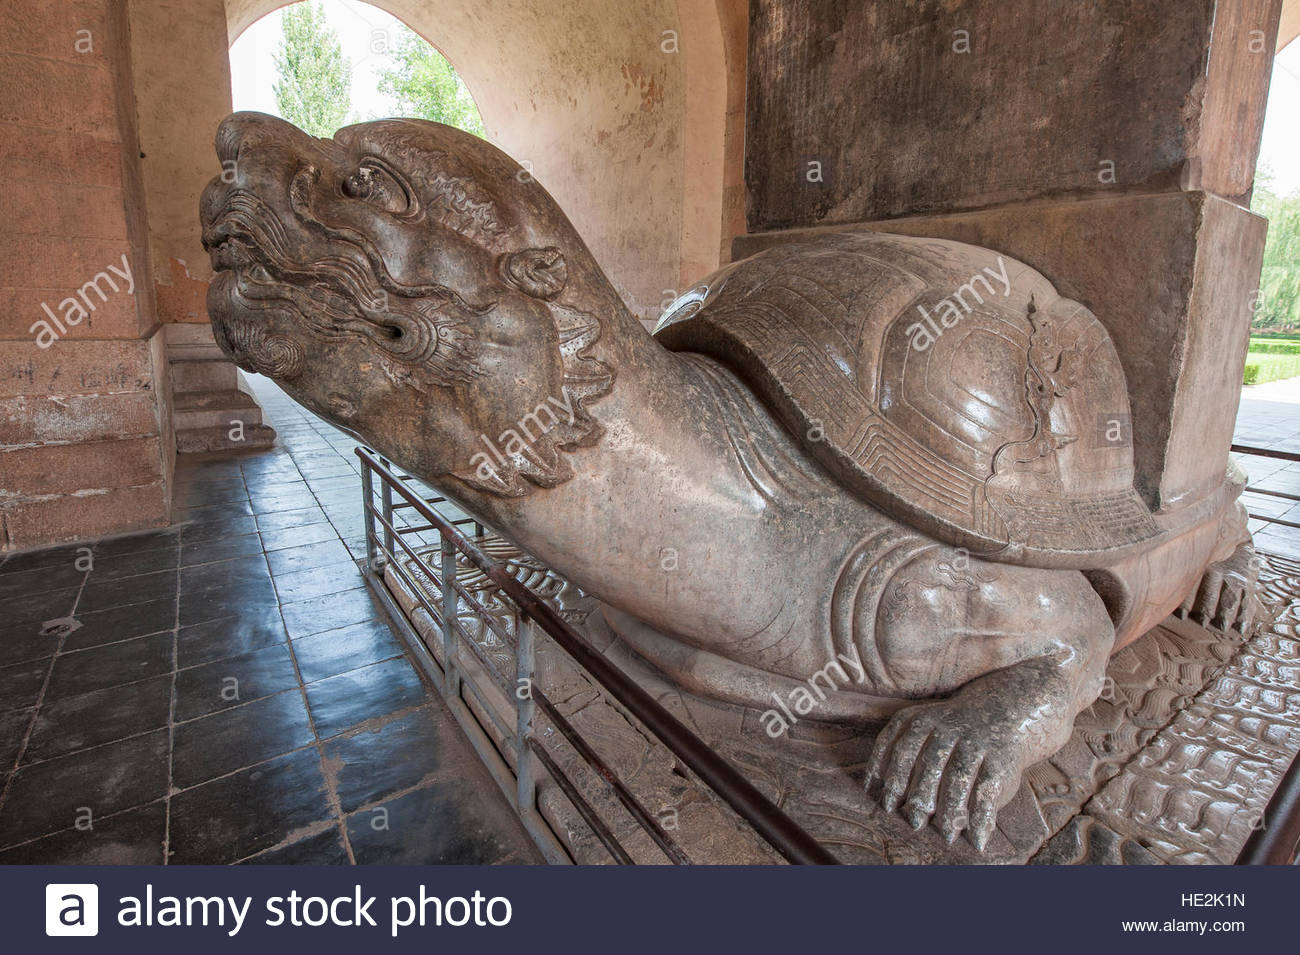 stone-turtle-statue-in-shen-gong-sheng-d